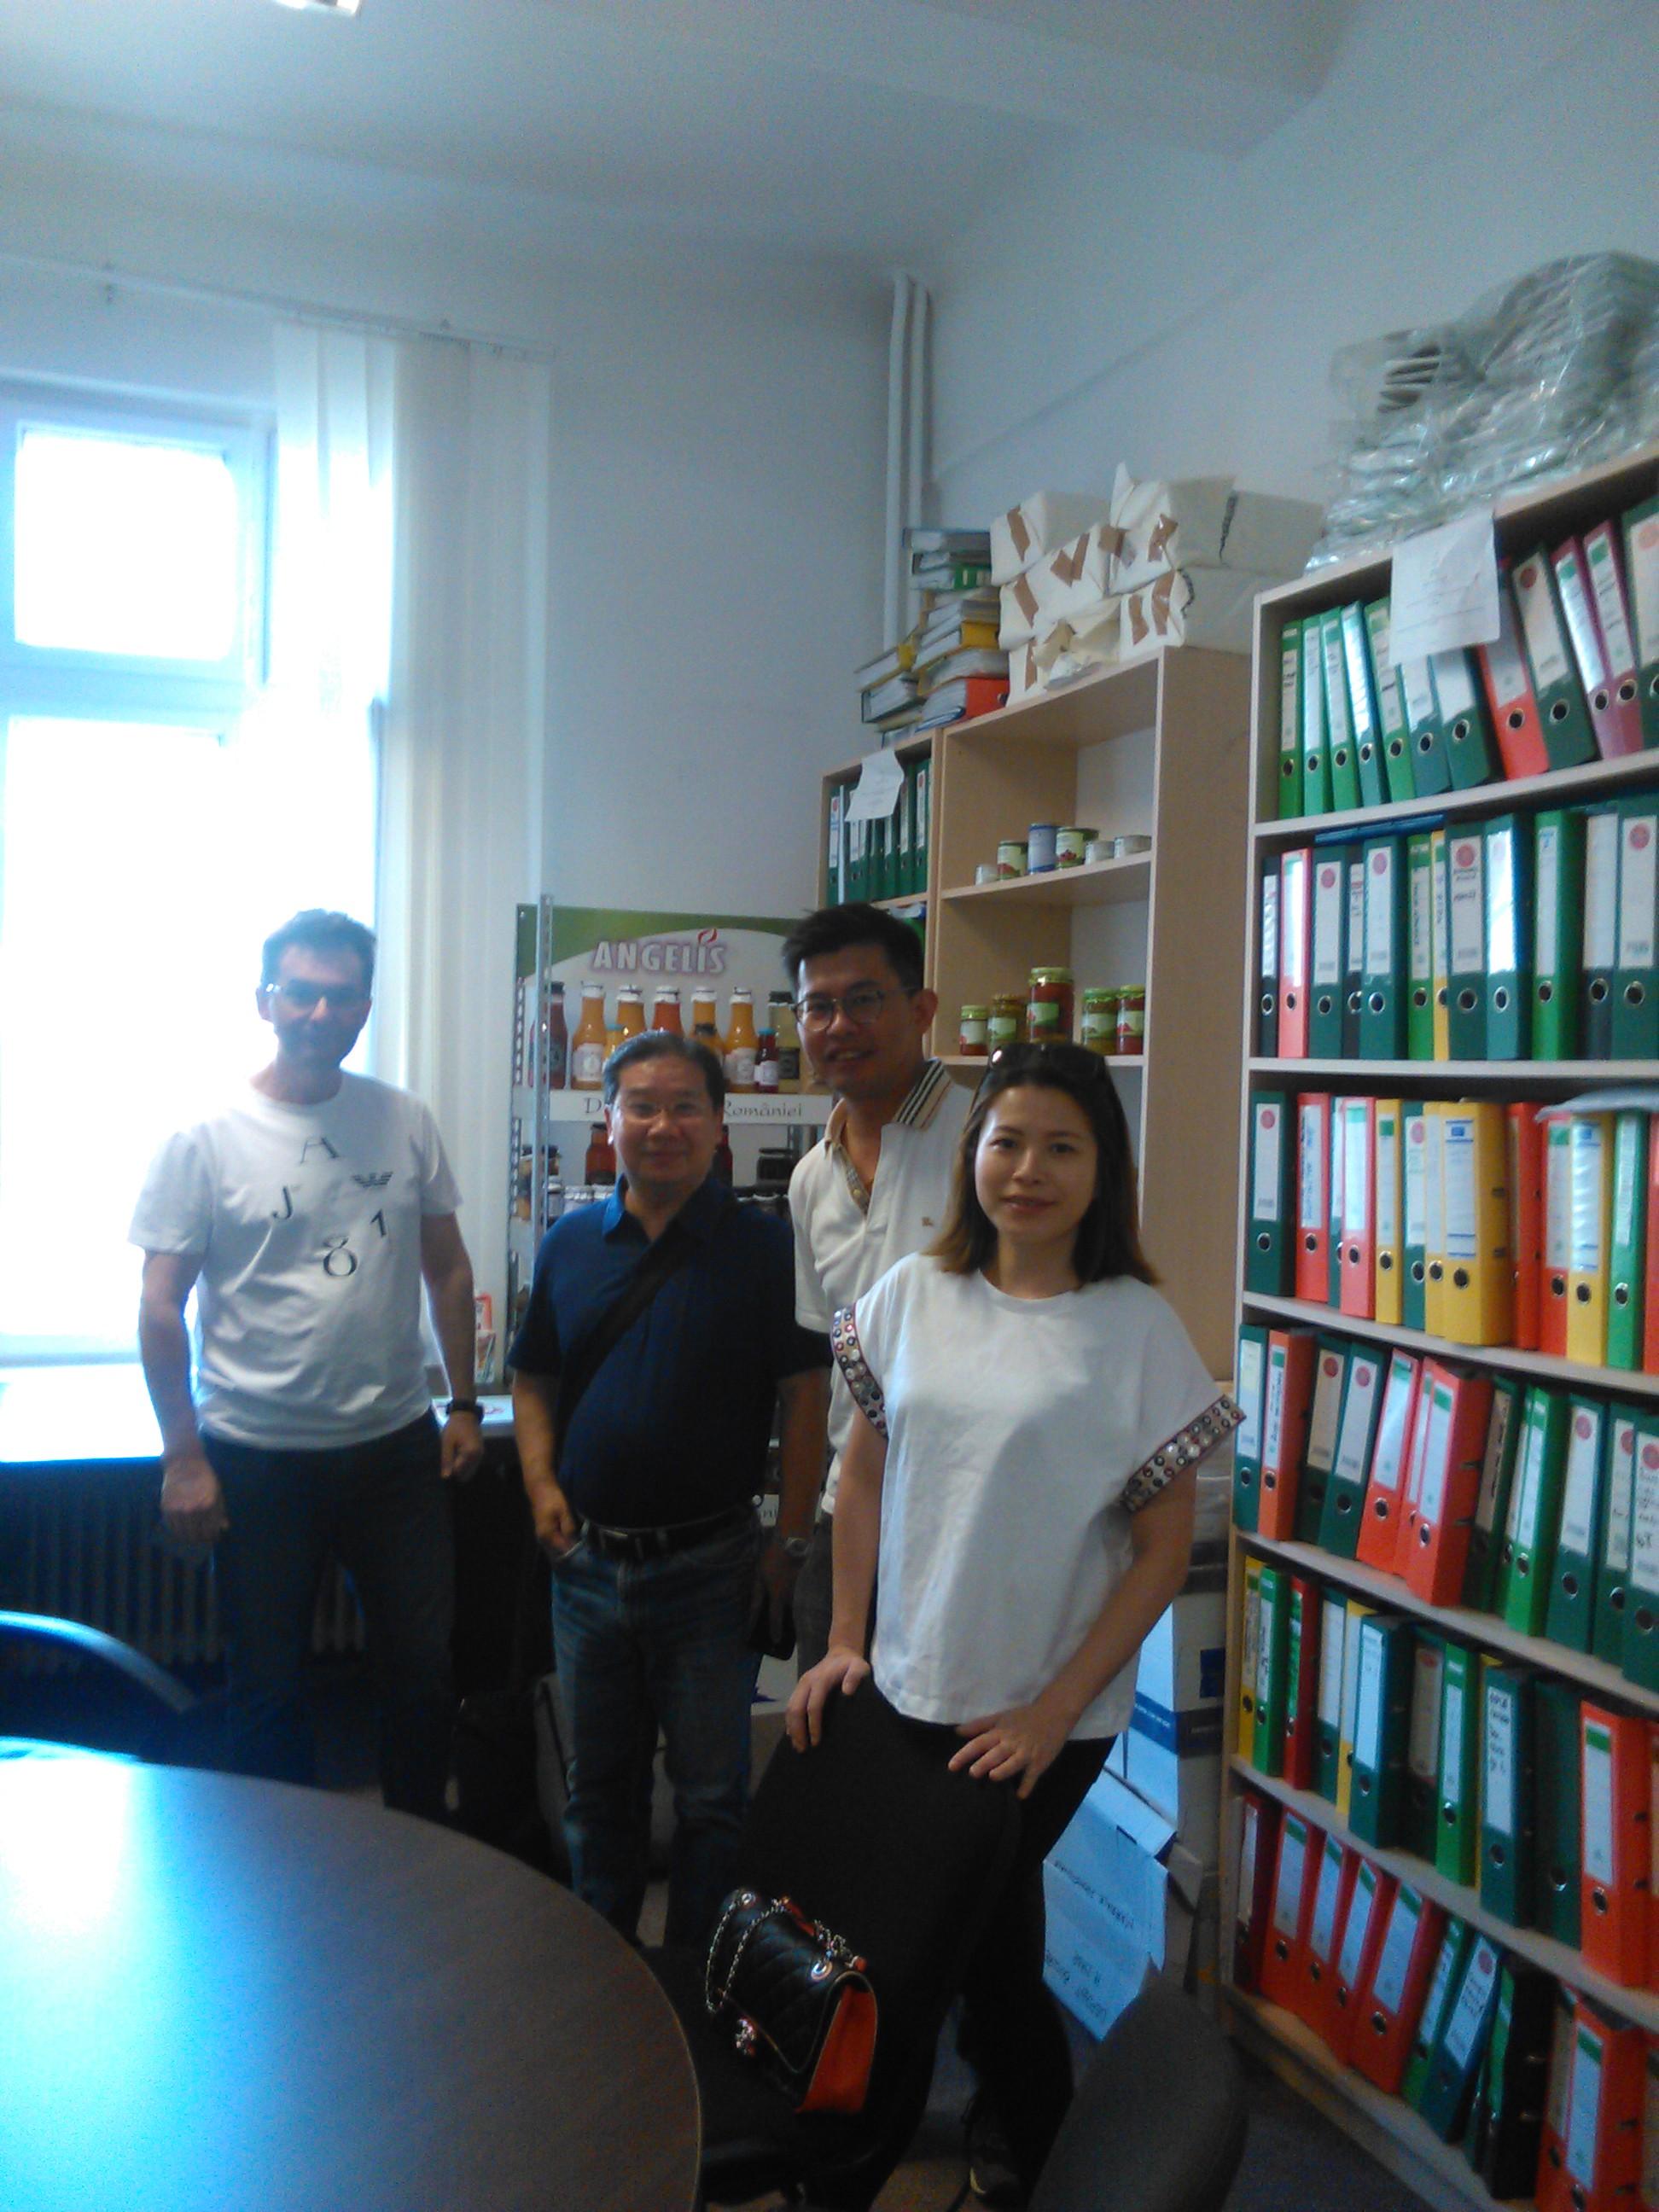 Chinezii cauta mancare in Romania